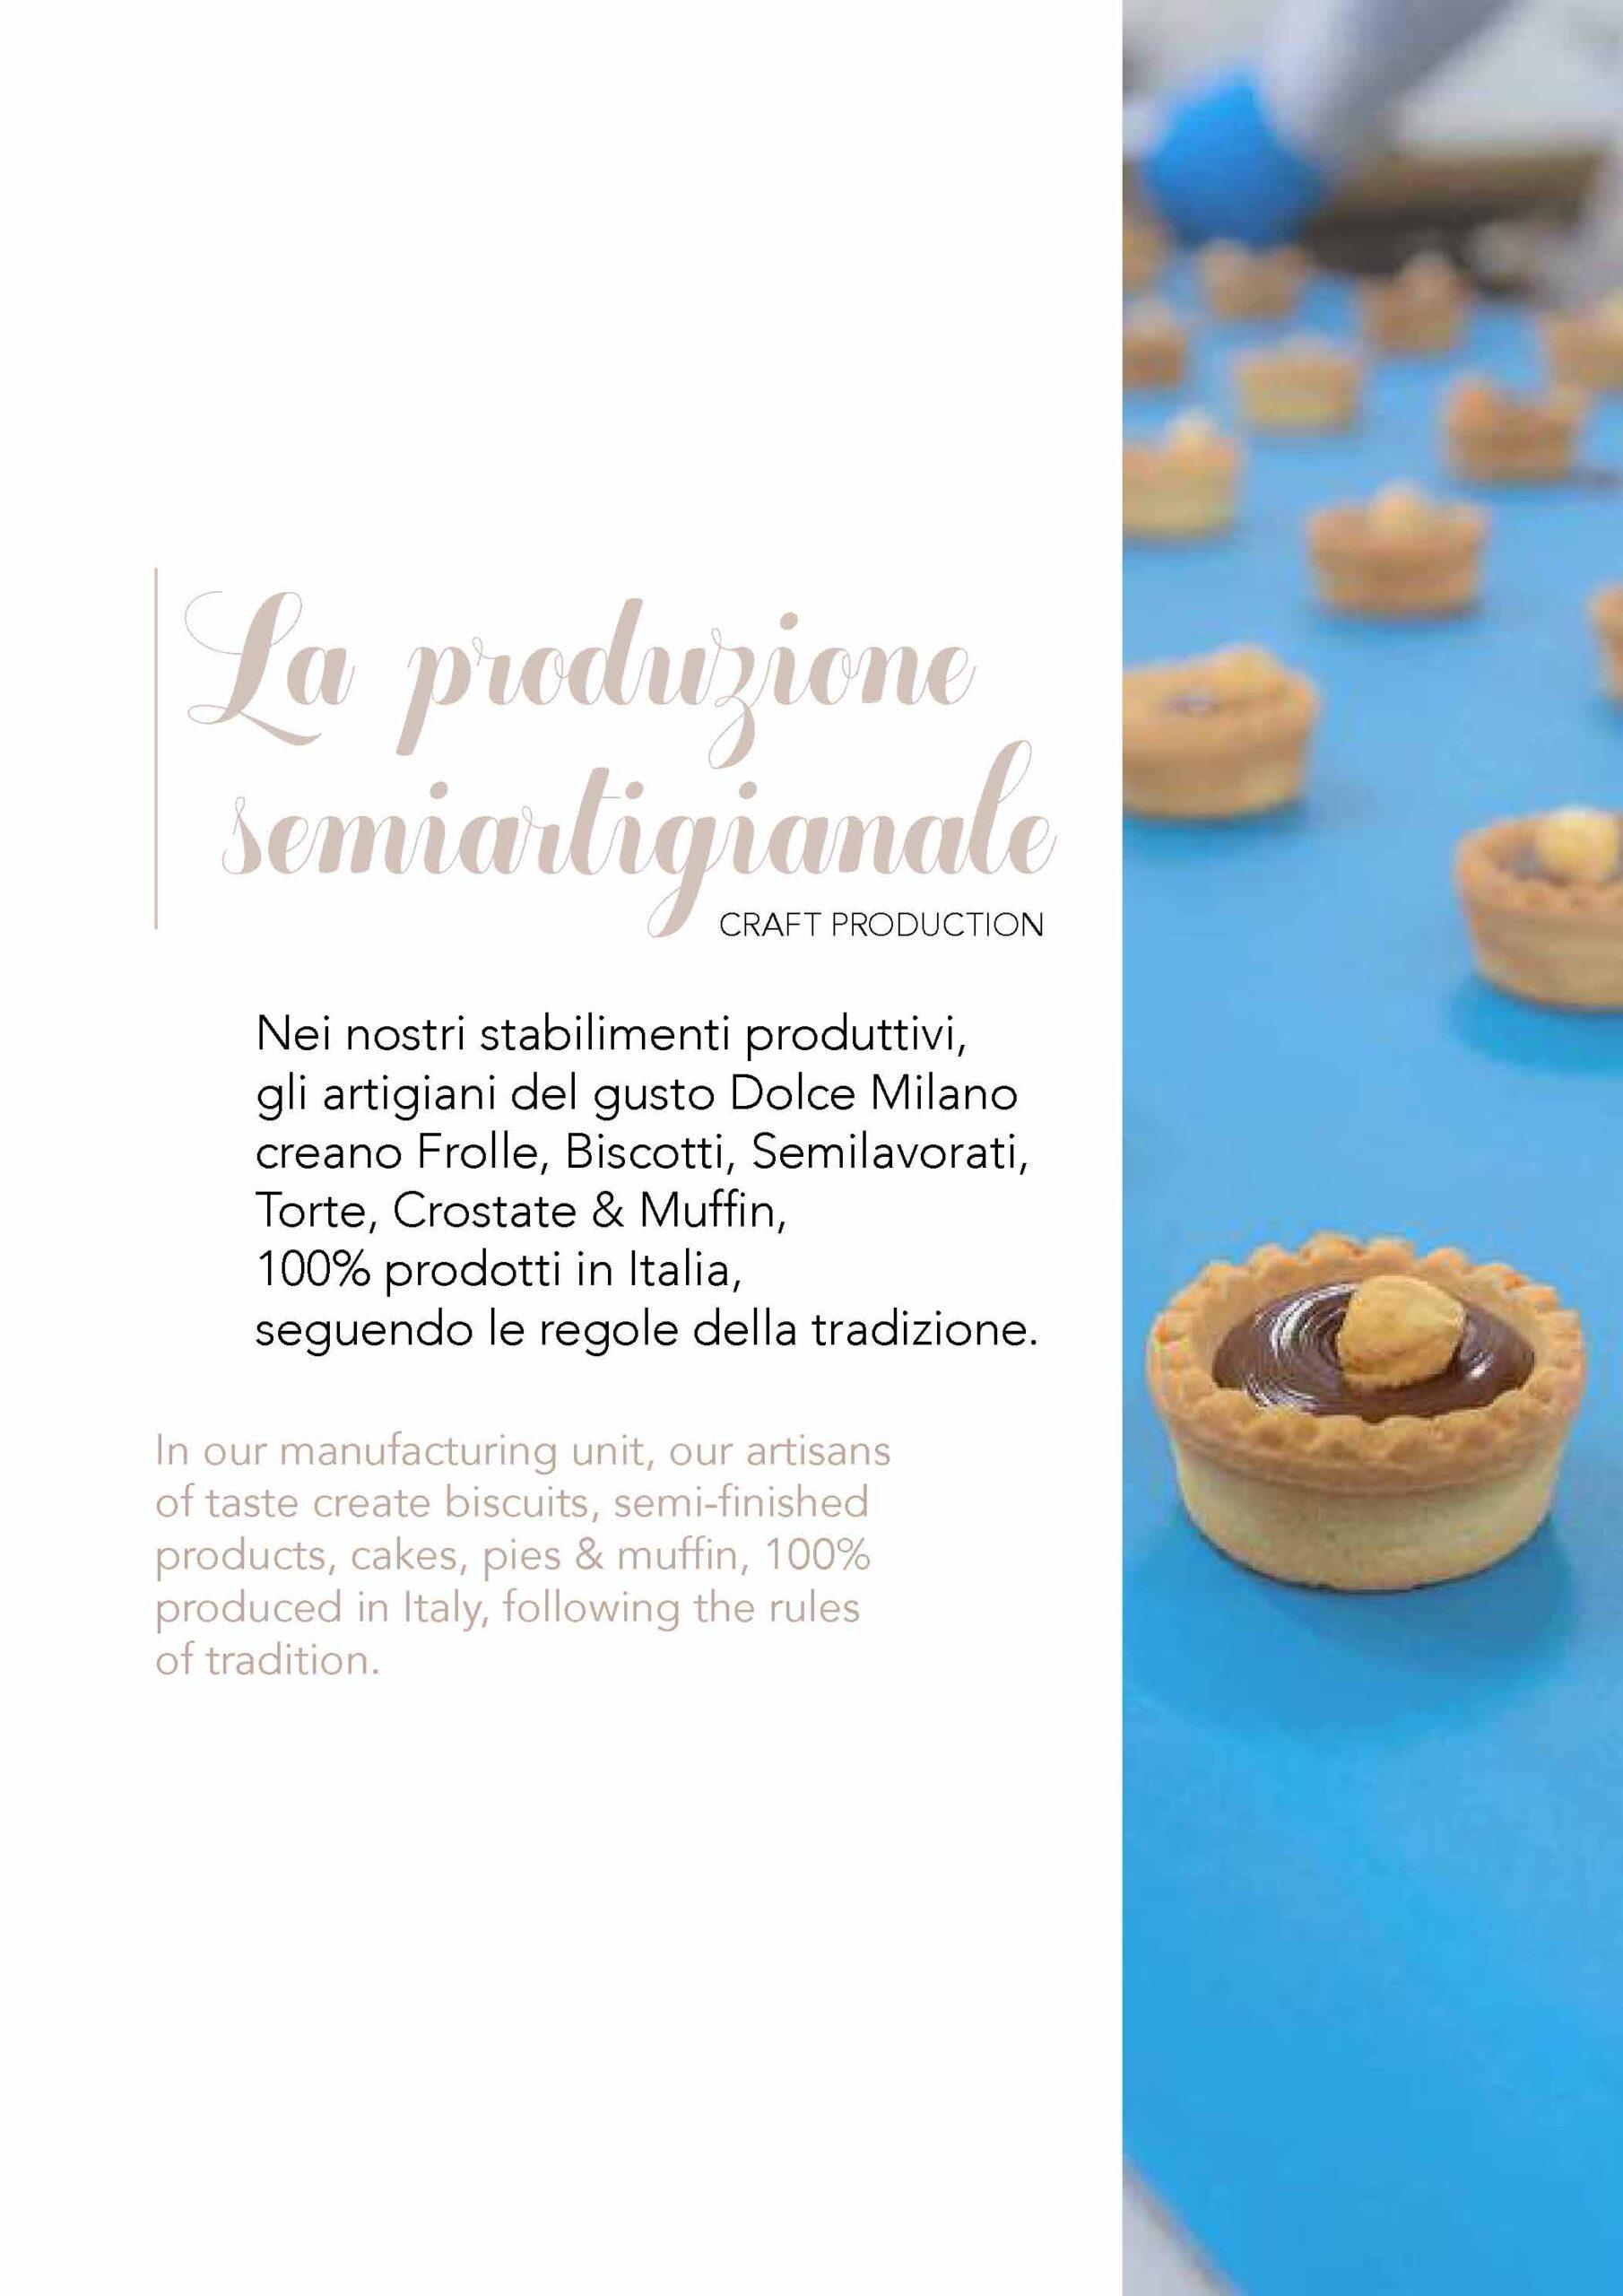 catalogo_produzione_2021_Pagina_05